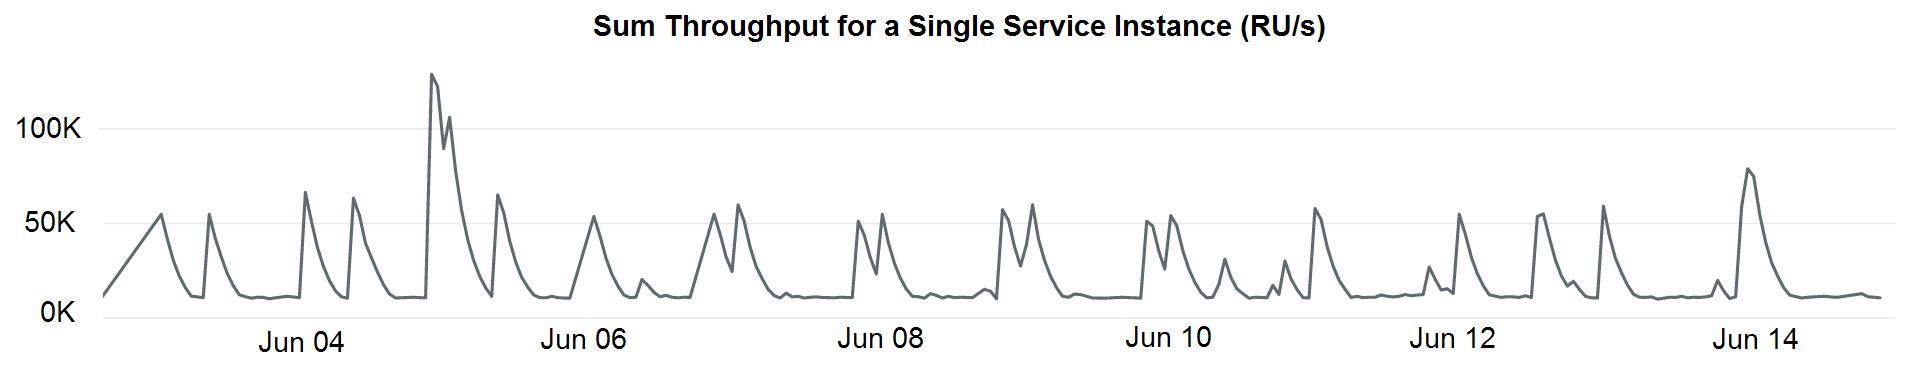 大規模なテナントのトラフィックを示すグラフ。ビジネス テレメトリを生成する定期的なタスクにより、スループットが一時的に急増している